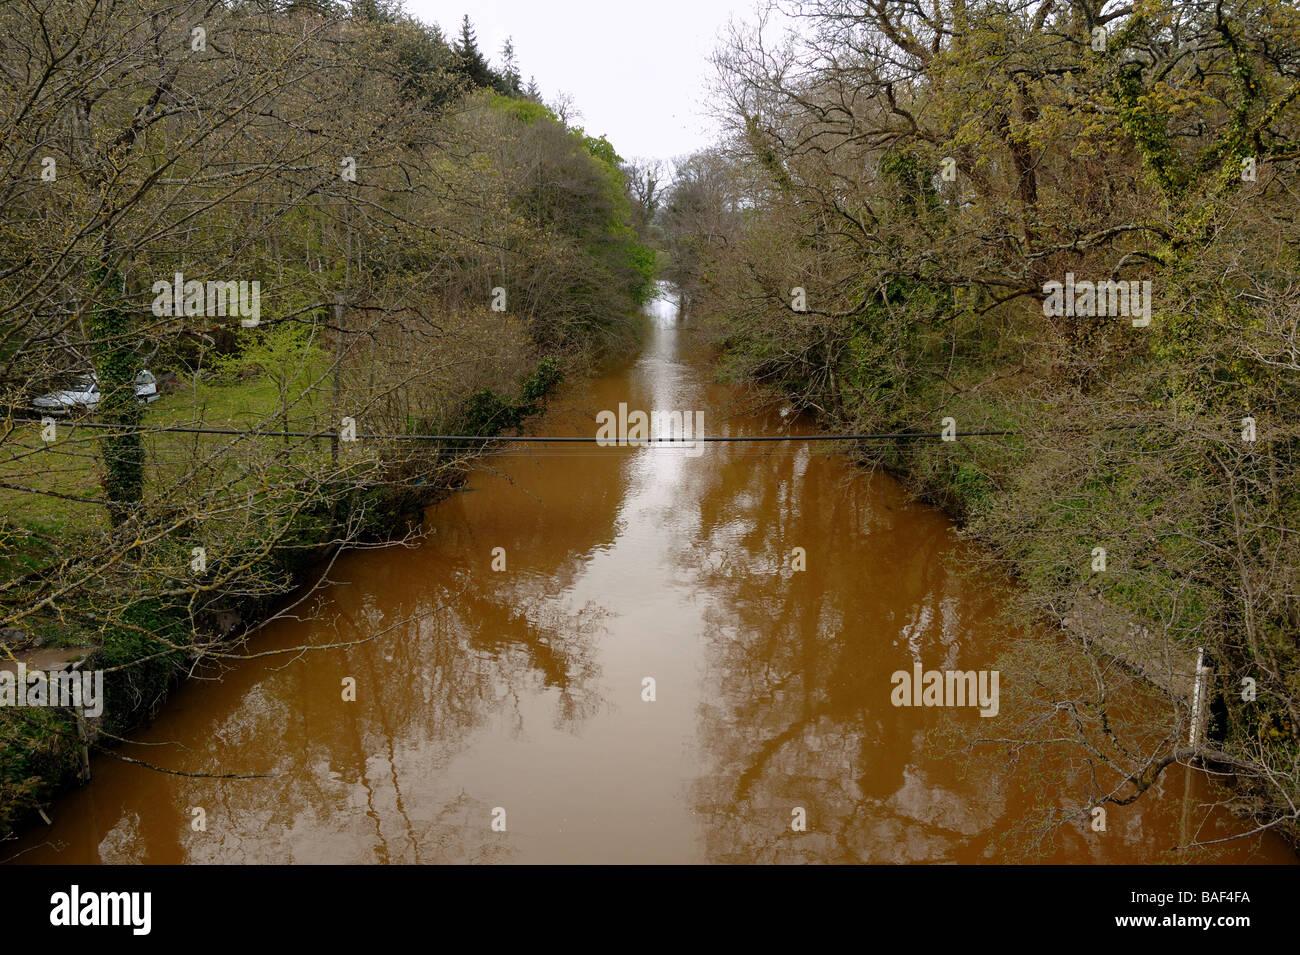 Fluß Teign rot wegen Verschmutzung aus einem nahen Steinbruch South Devon England Stockbild